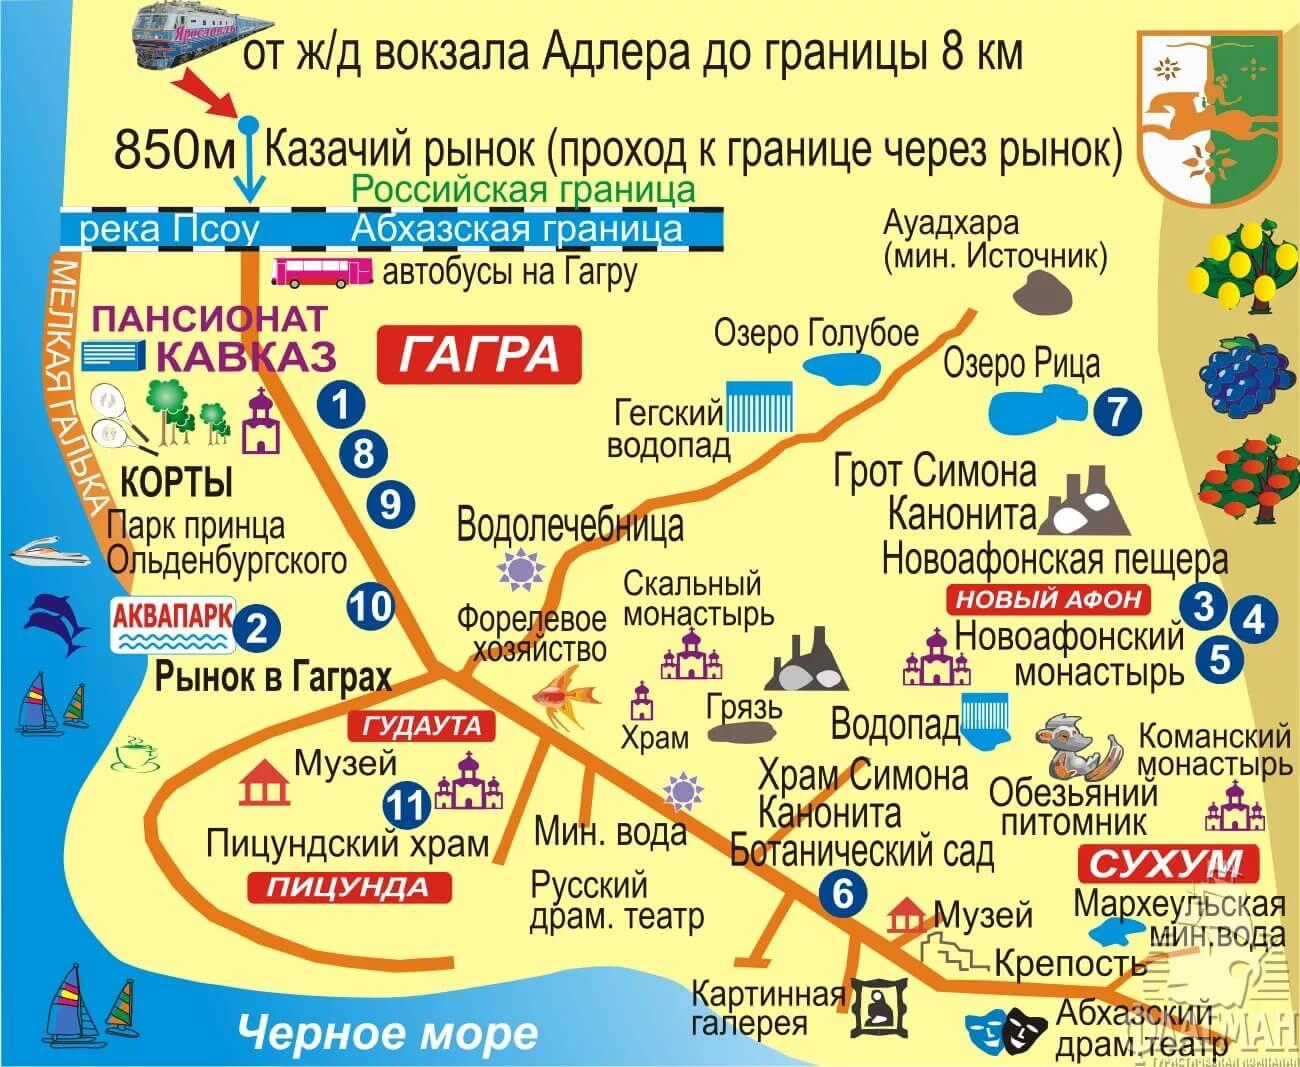 Достопримечательности Абхазии на карте. Карта Абхазии с достопримечательностями.